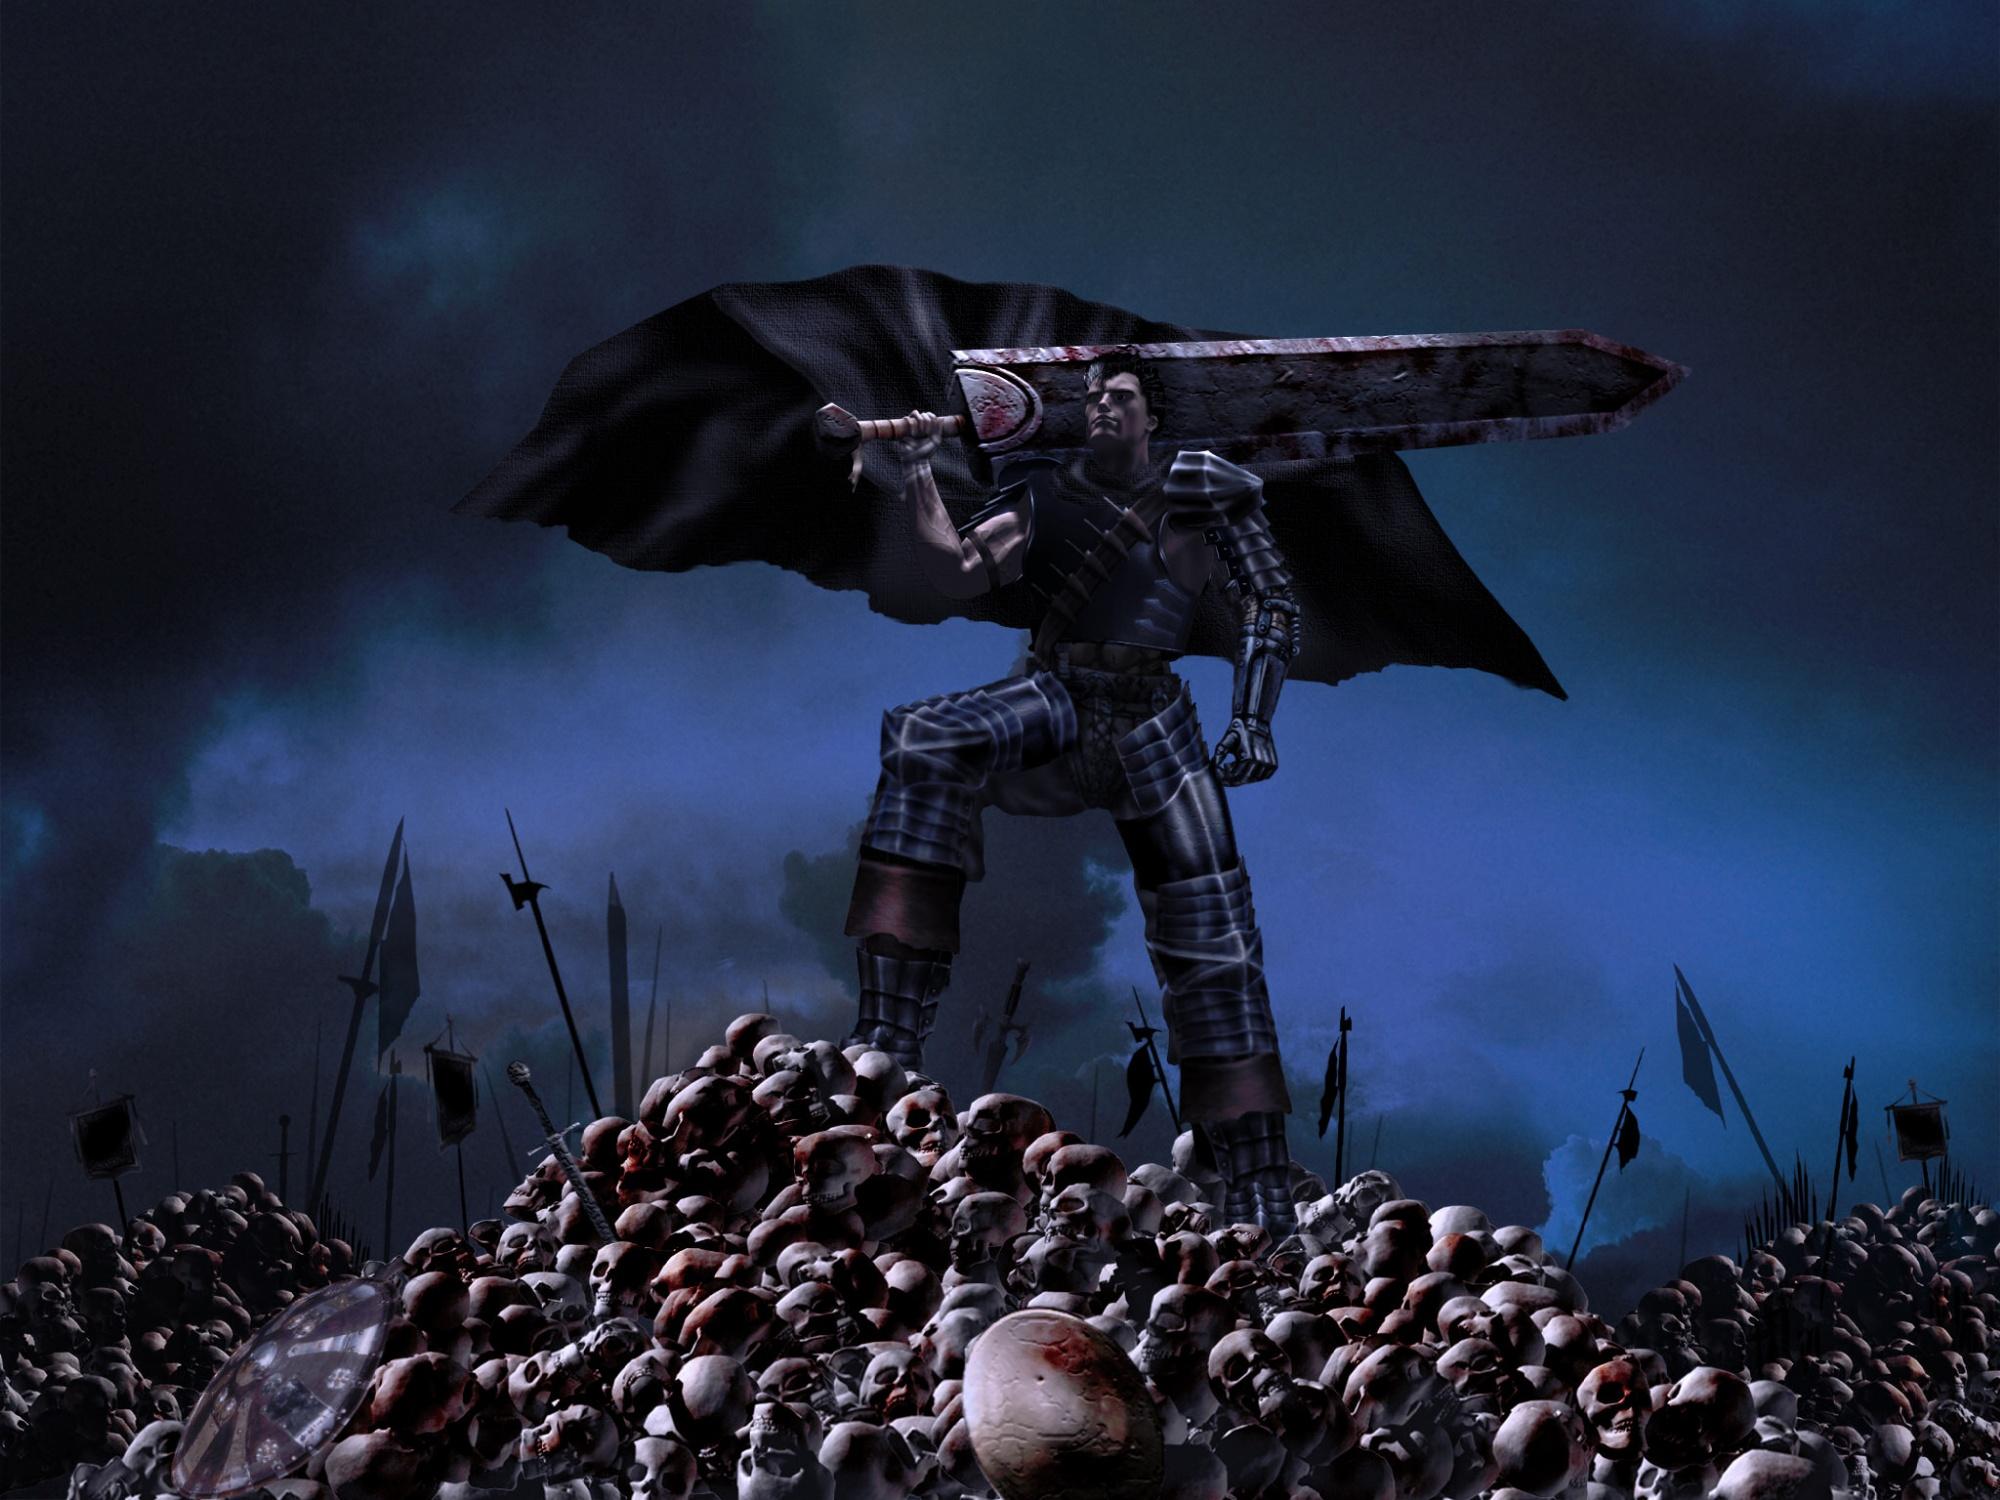 3d all_male armor berserk black_hair clouds cosplay guts knife male short_hair skull sky sword weapon